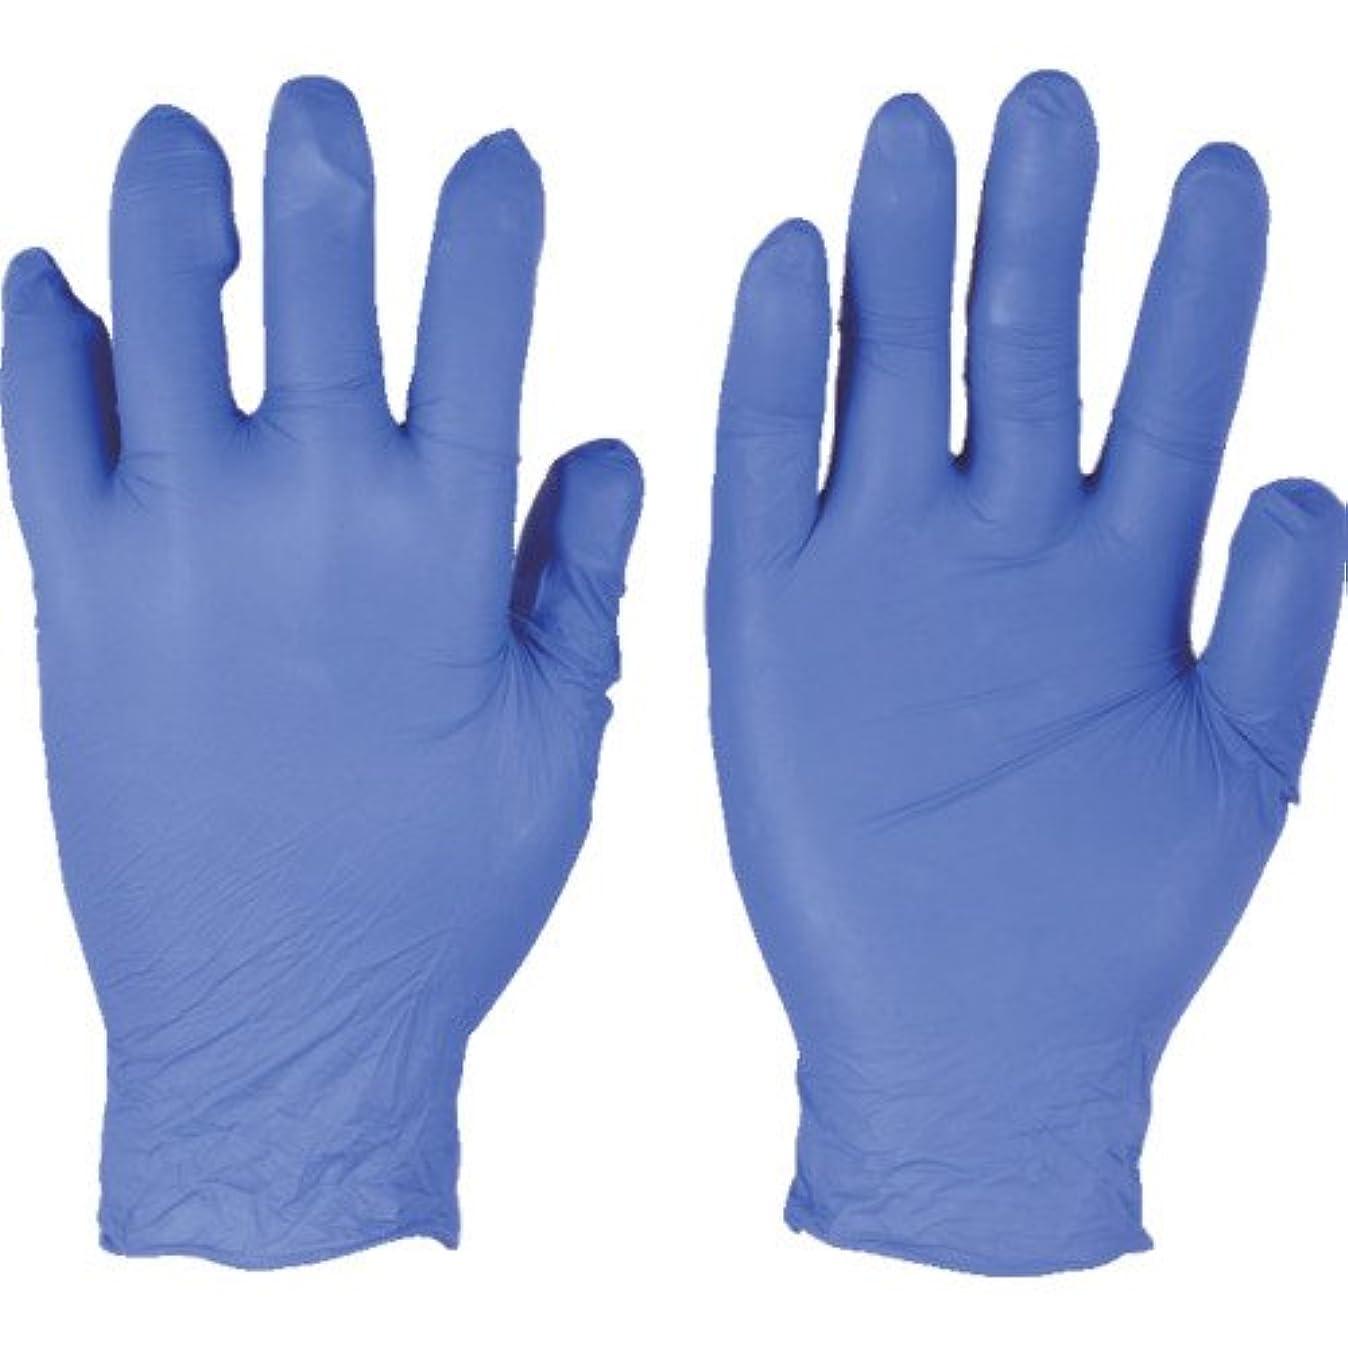 冗談で印象ネーピアトラスコ中山 アンセル ニトリルゴム使い捨て手袋 エッジ 82-133 Sサイズ(300枚入り)  (300枚入) 821337